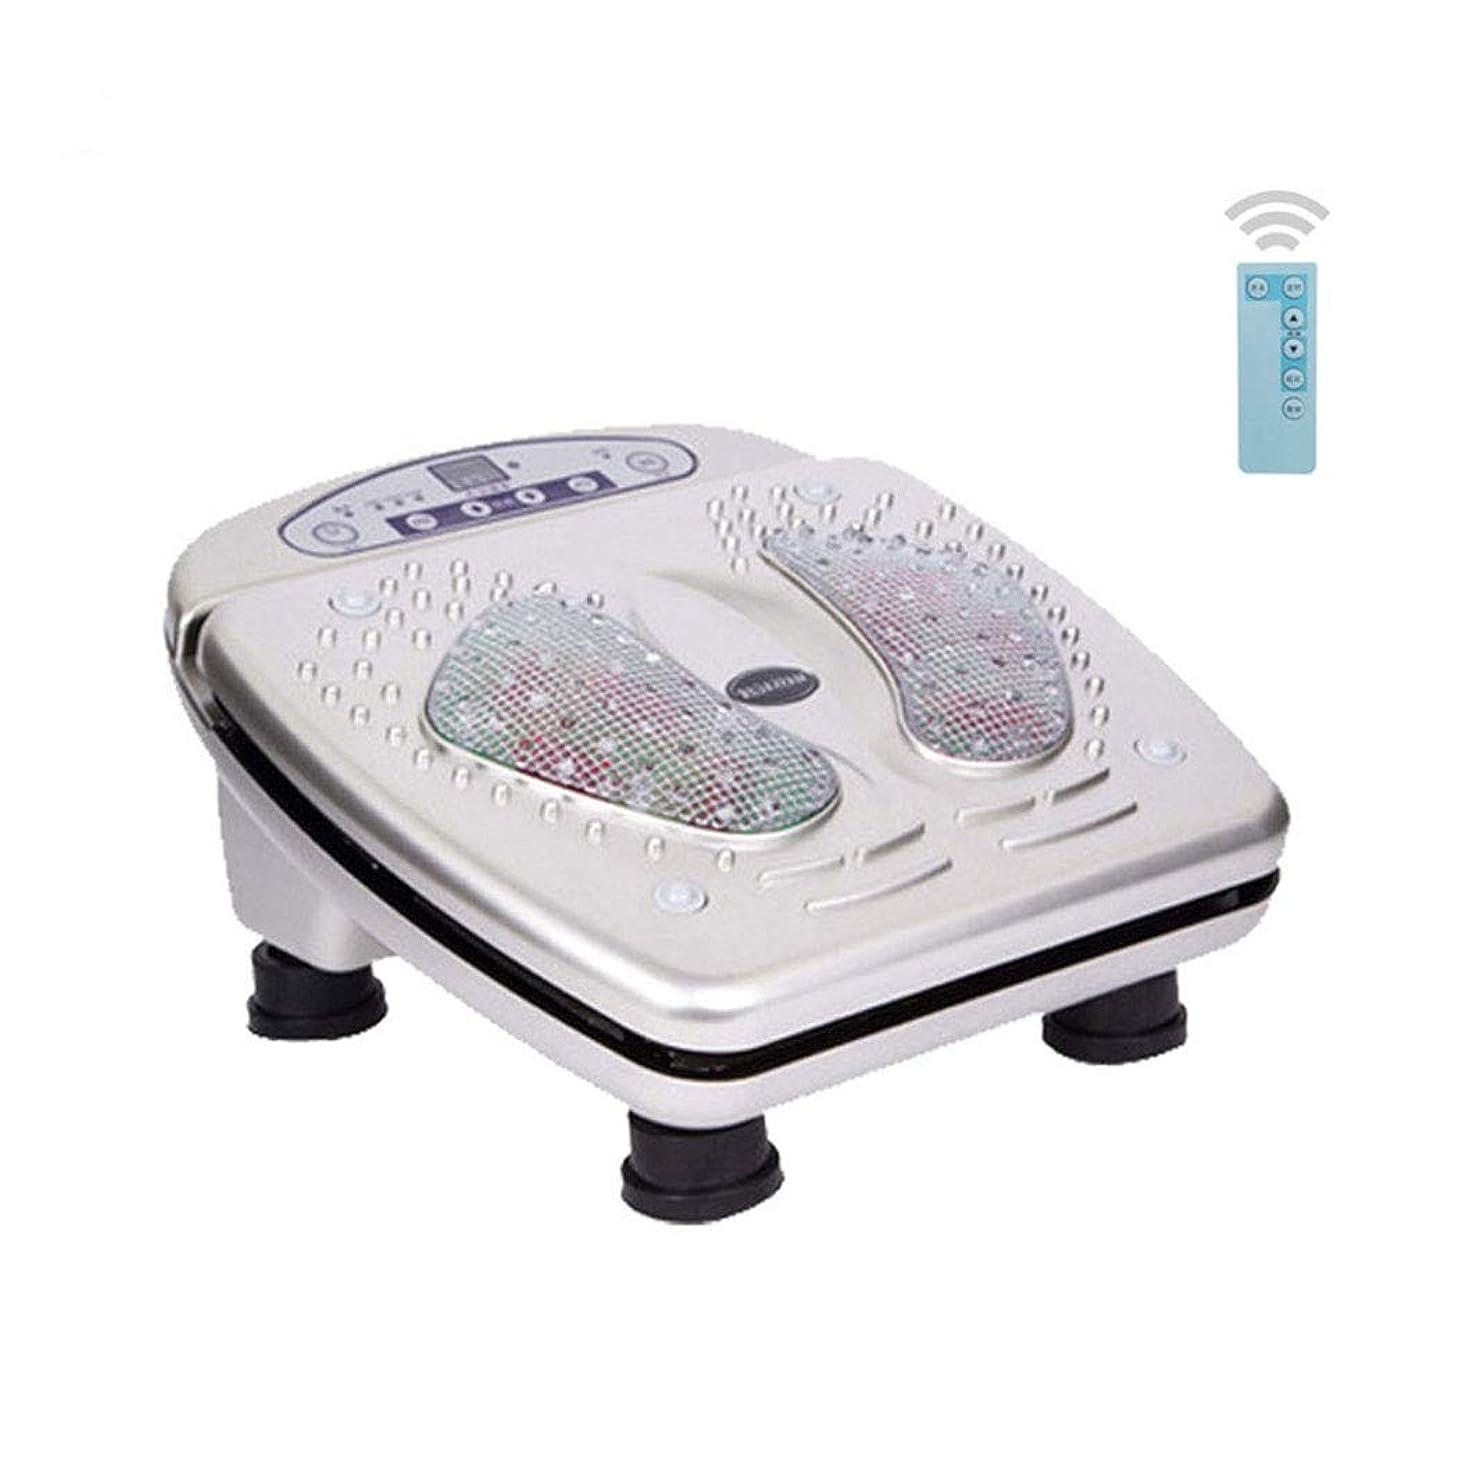 底認可くま家庭およびオフィスでの足のマッサージとストレス緩和のために、血液循環リモートコントロールフットマッサージャーマシン、15の振動モード、熱を伴うフットマッサージャーを促進します。インテリジェント、シルバー